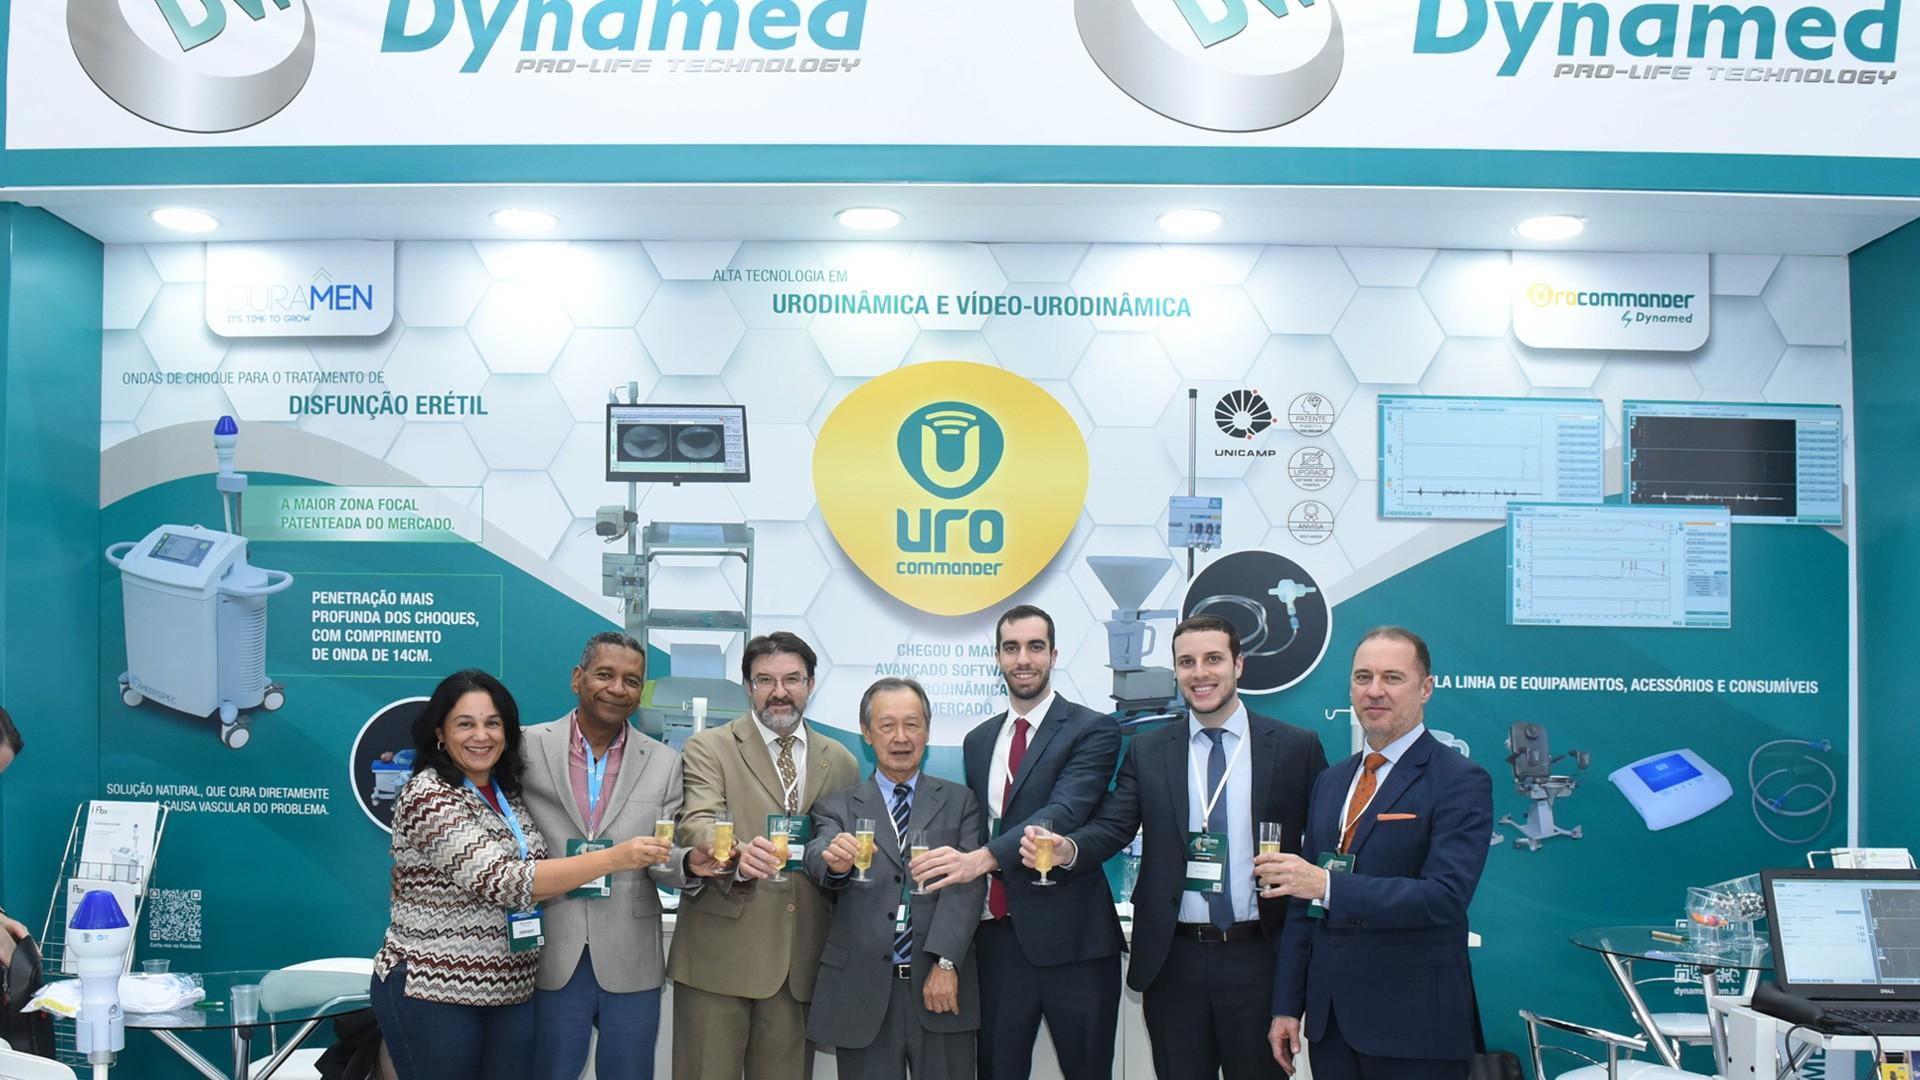 Dynamed Lança Produtos no CBU 2019